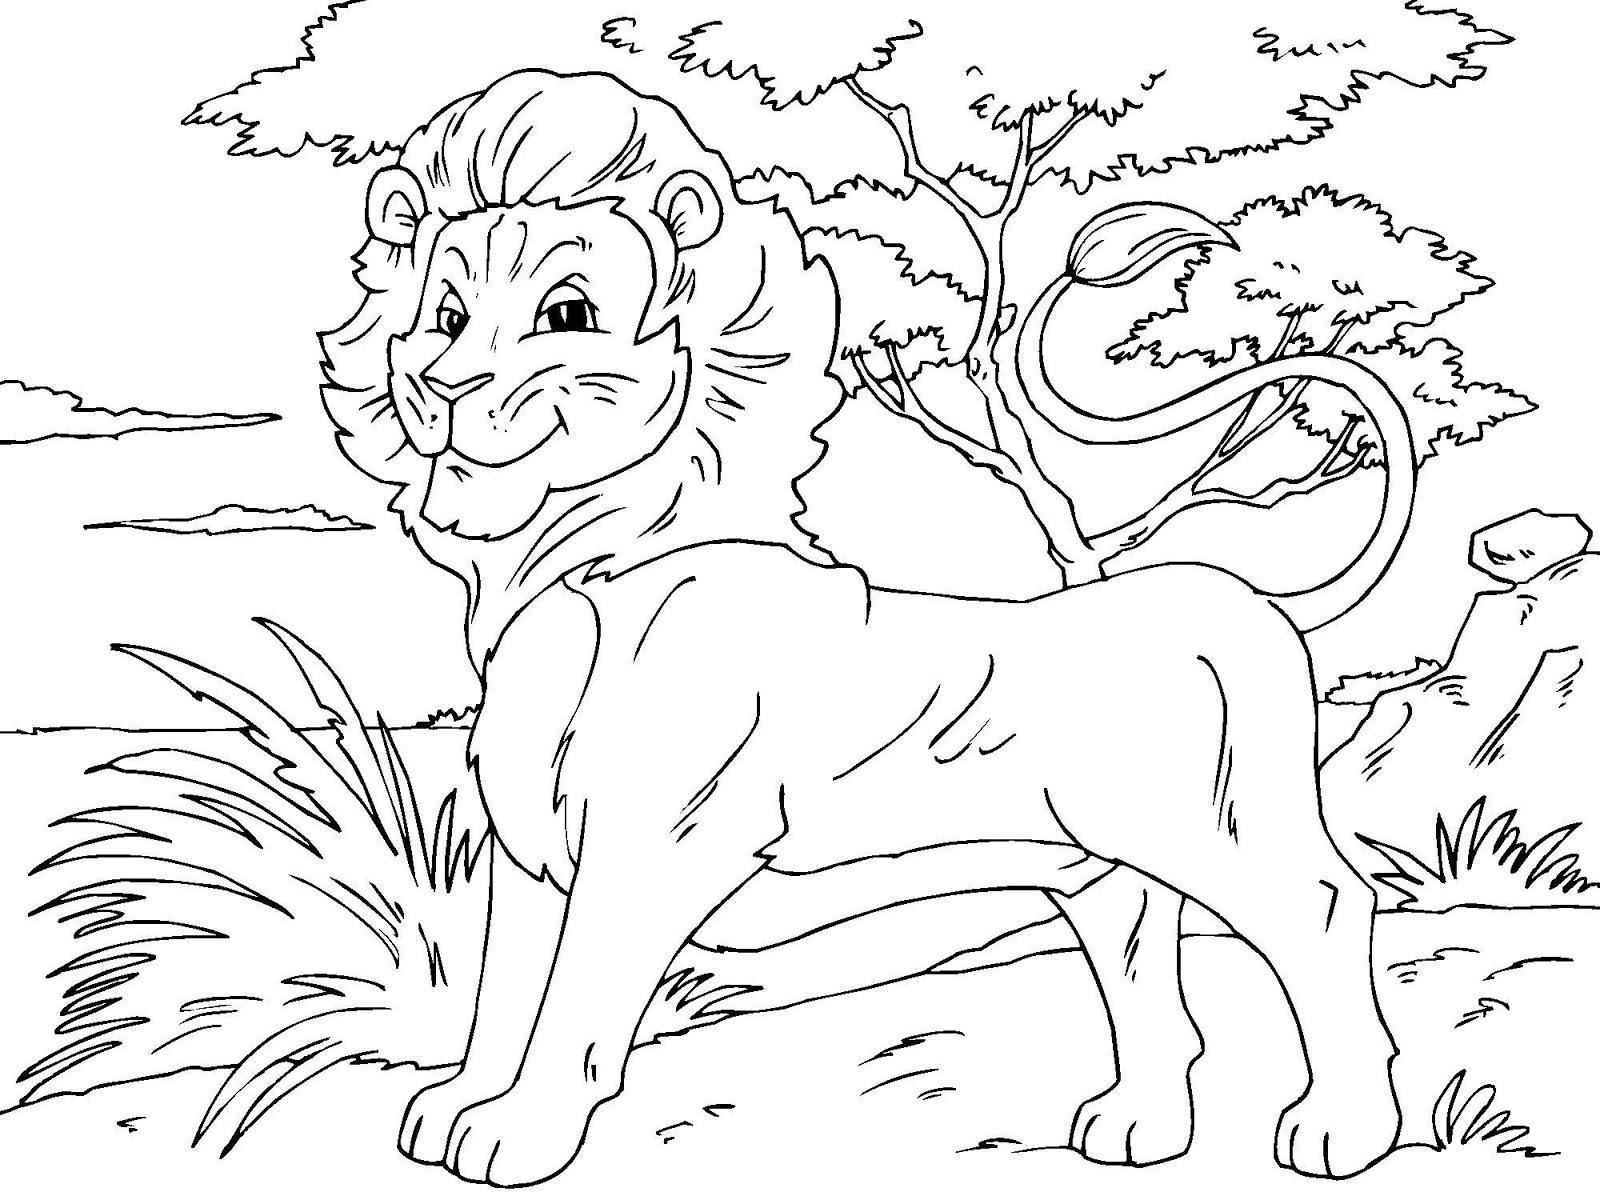 Tranh tô màu con sư tử trong rừng